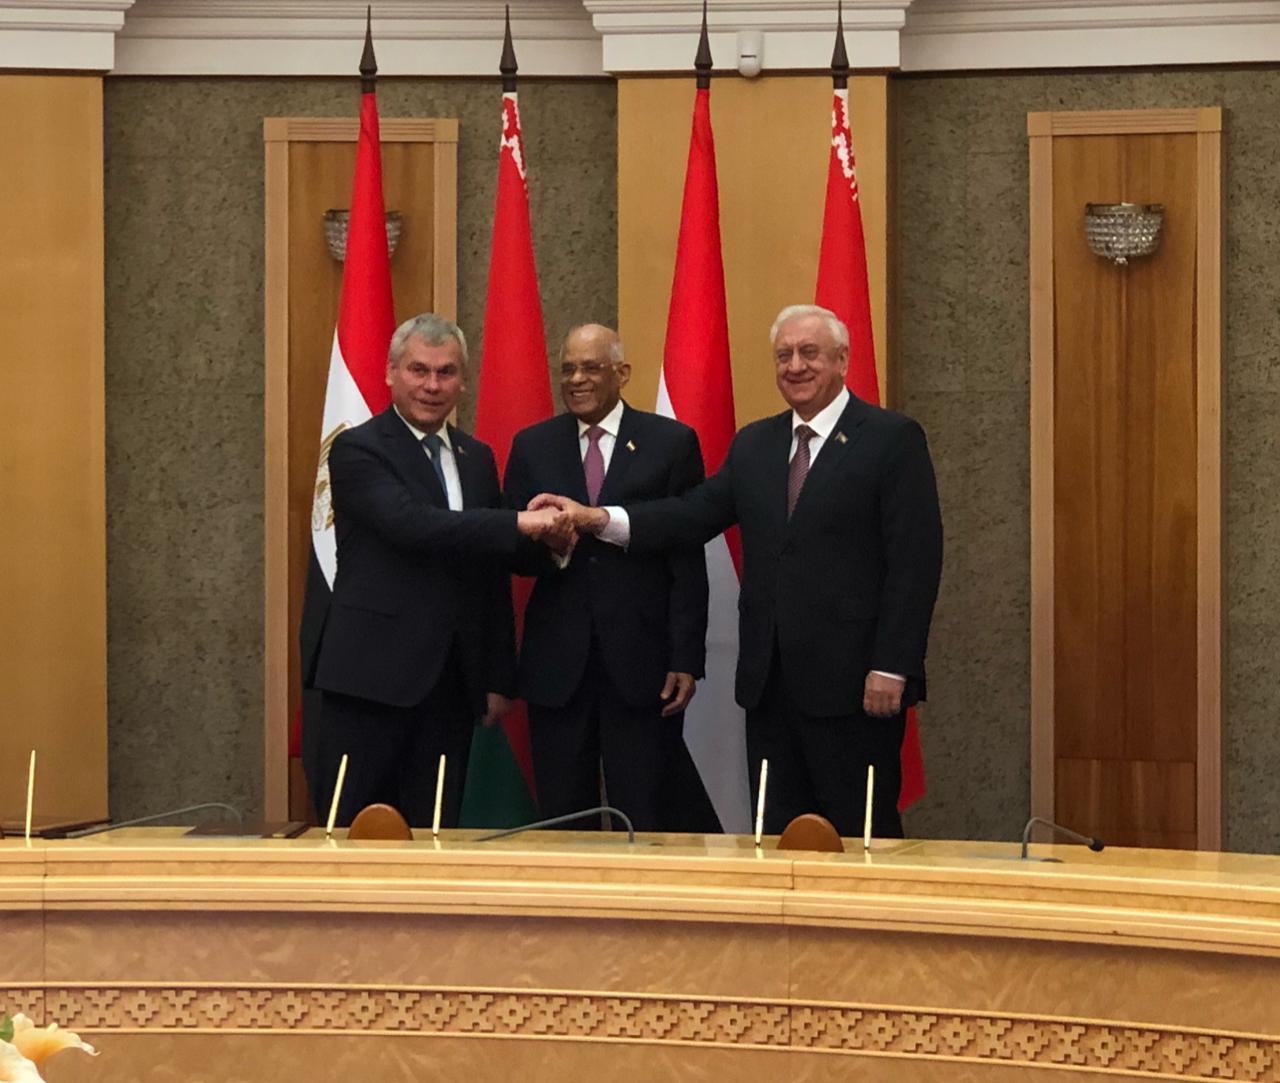 الدكتور على عبد العال يلتقي رئيسى غرفتى برلمان بيلاروسيا (3)